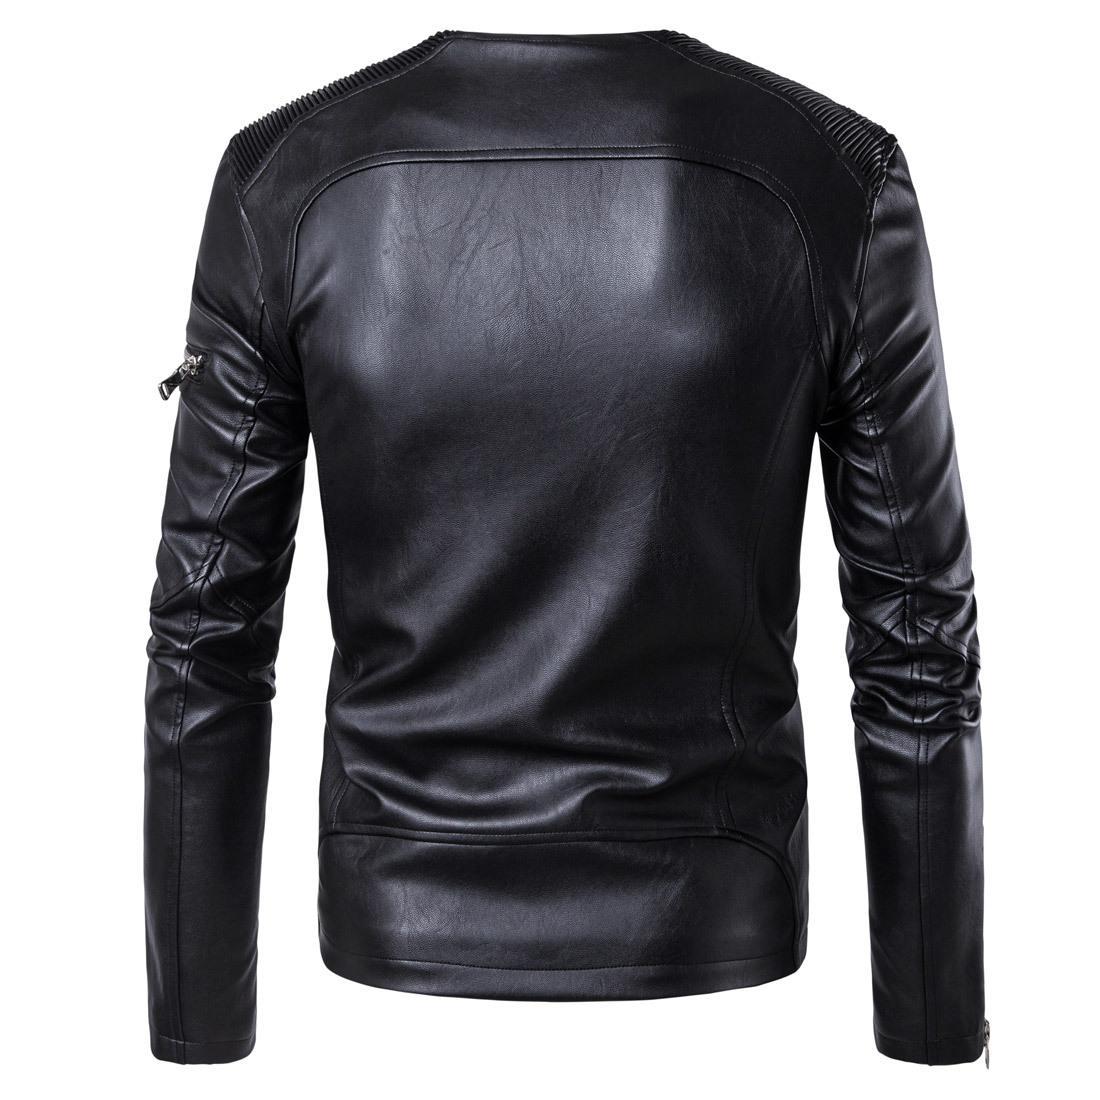 2019 Nouveau style haut de gamme Hommes Mode Casual da lan ji Veste en cuir voiture de grande taille Mode MASCULIN Manteau